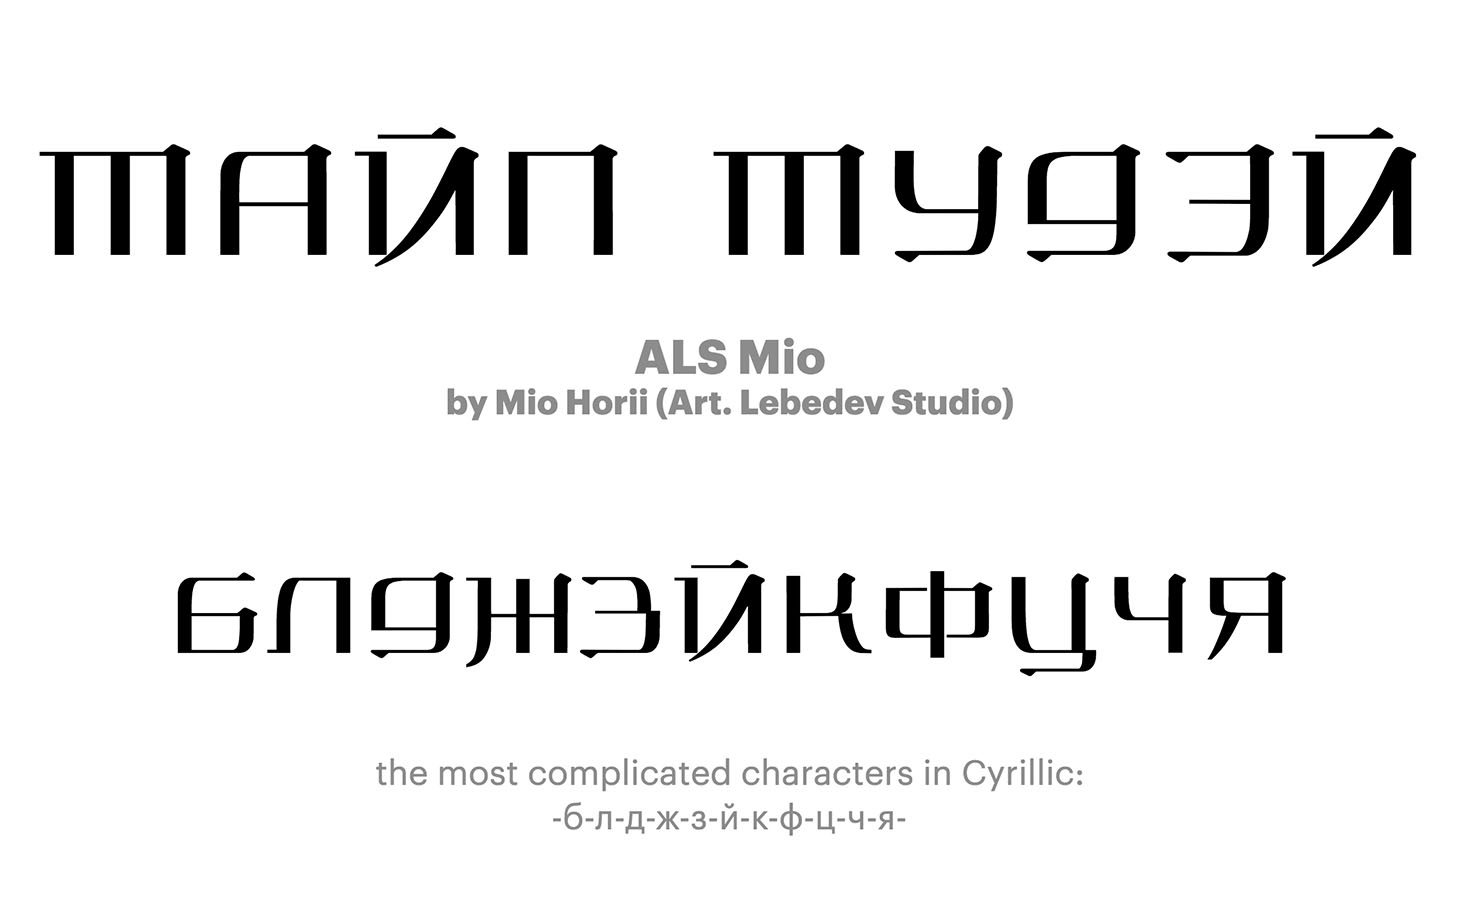 ALS-Mio